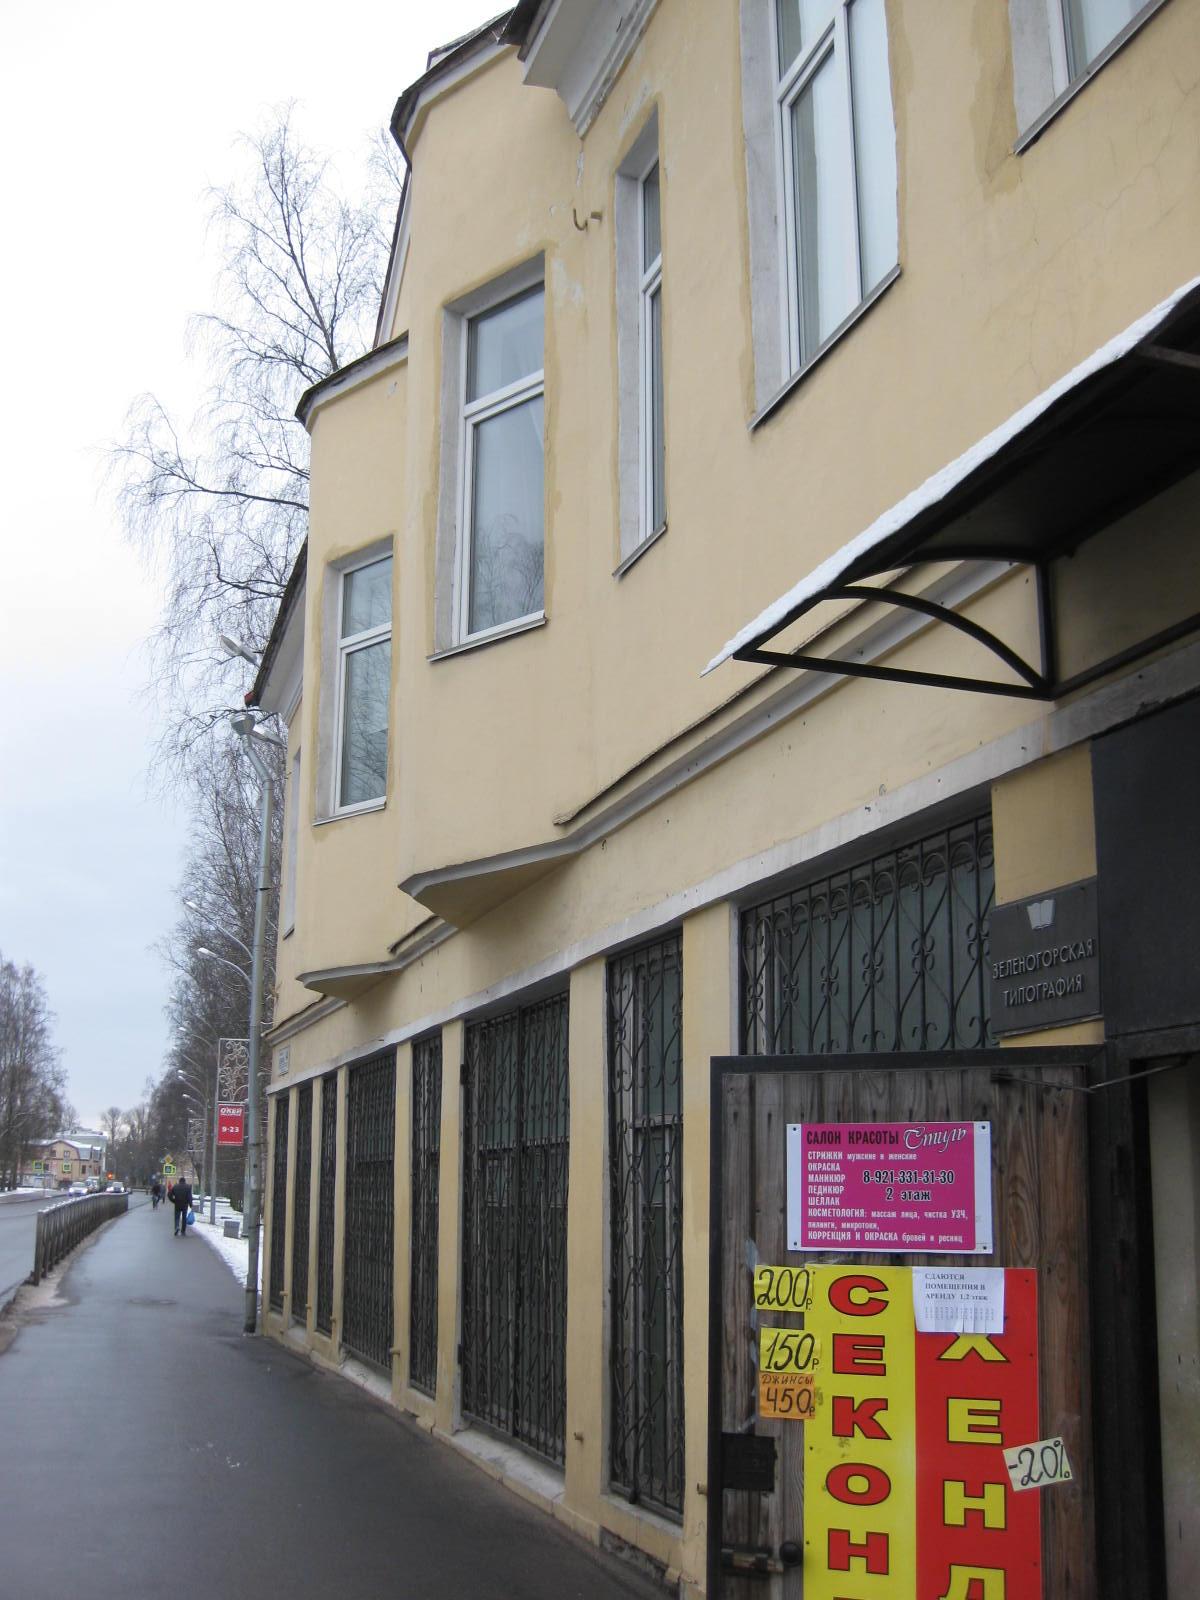 Продается комплекс зданий НФ в г. Зеленогорск, общ. площ. 1074.3м2 на уч. 3988м2.